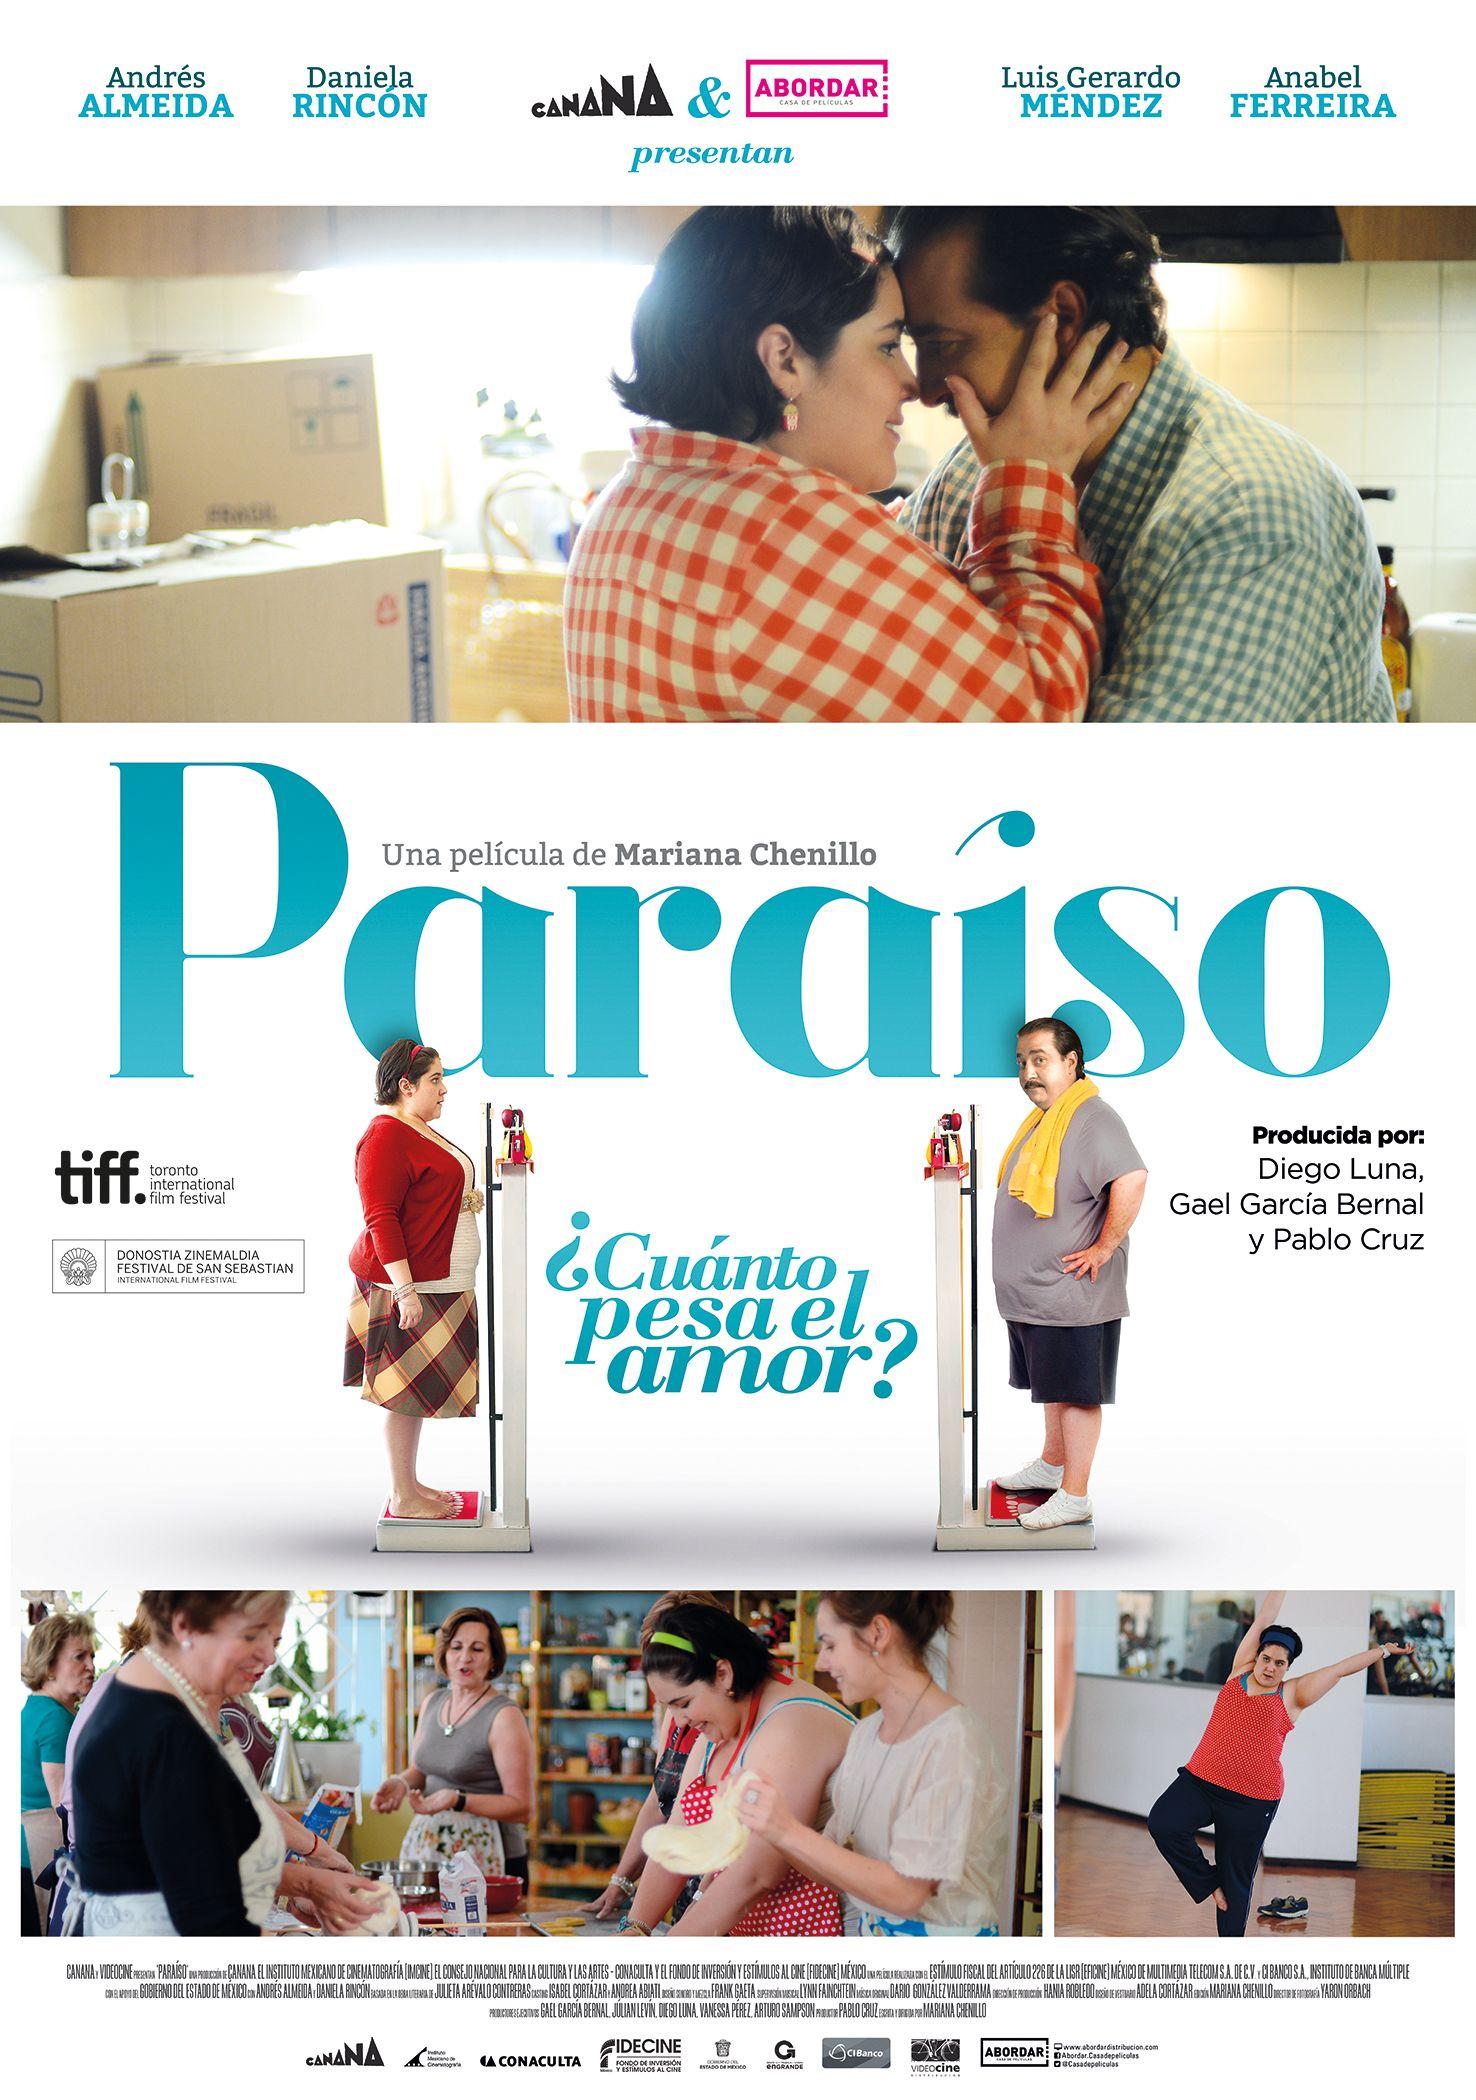 2013 - Paraiso - tt2866676